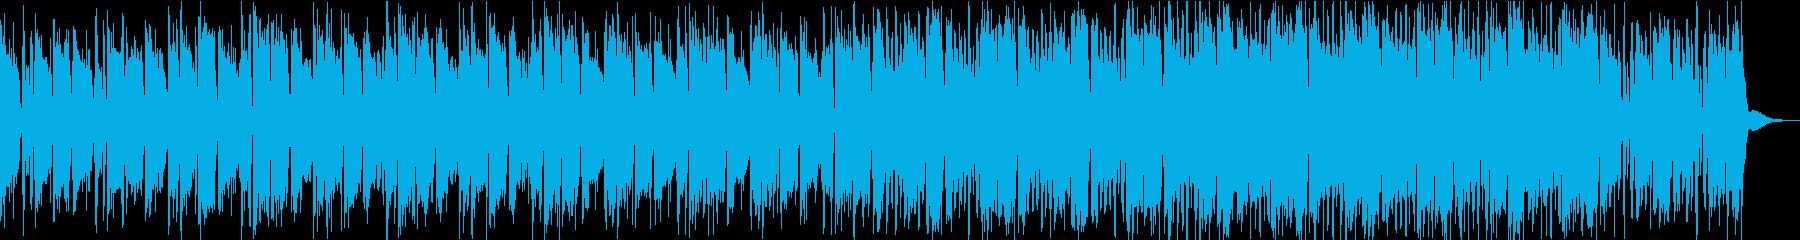 踊りたくなるビッグバンドスイングの再生済みの波形